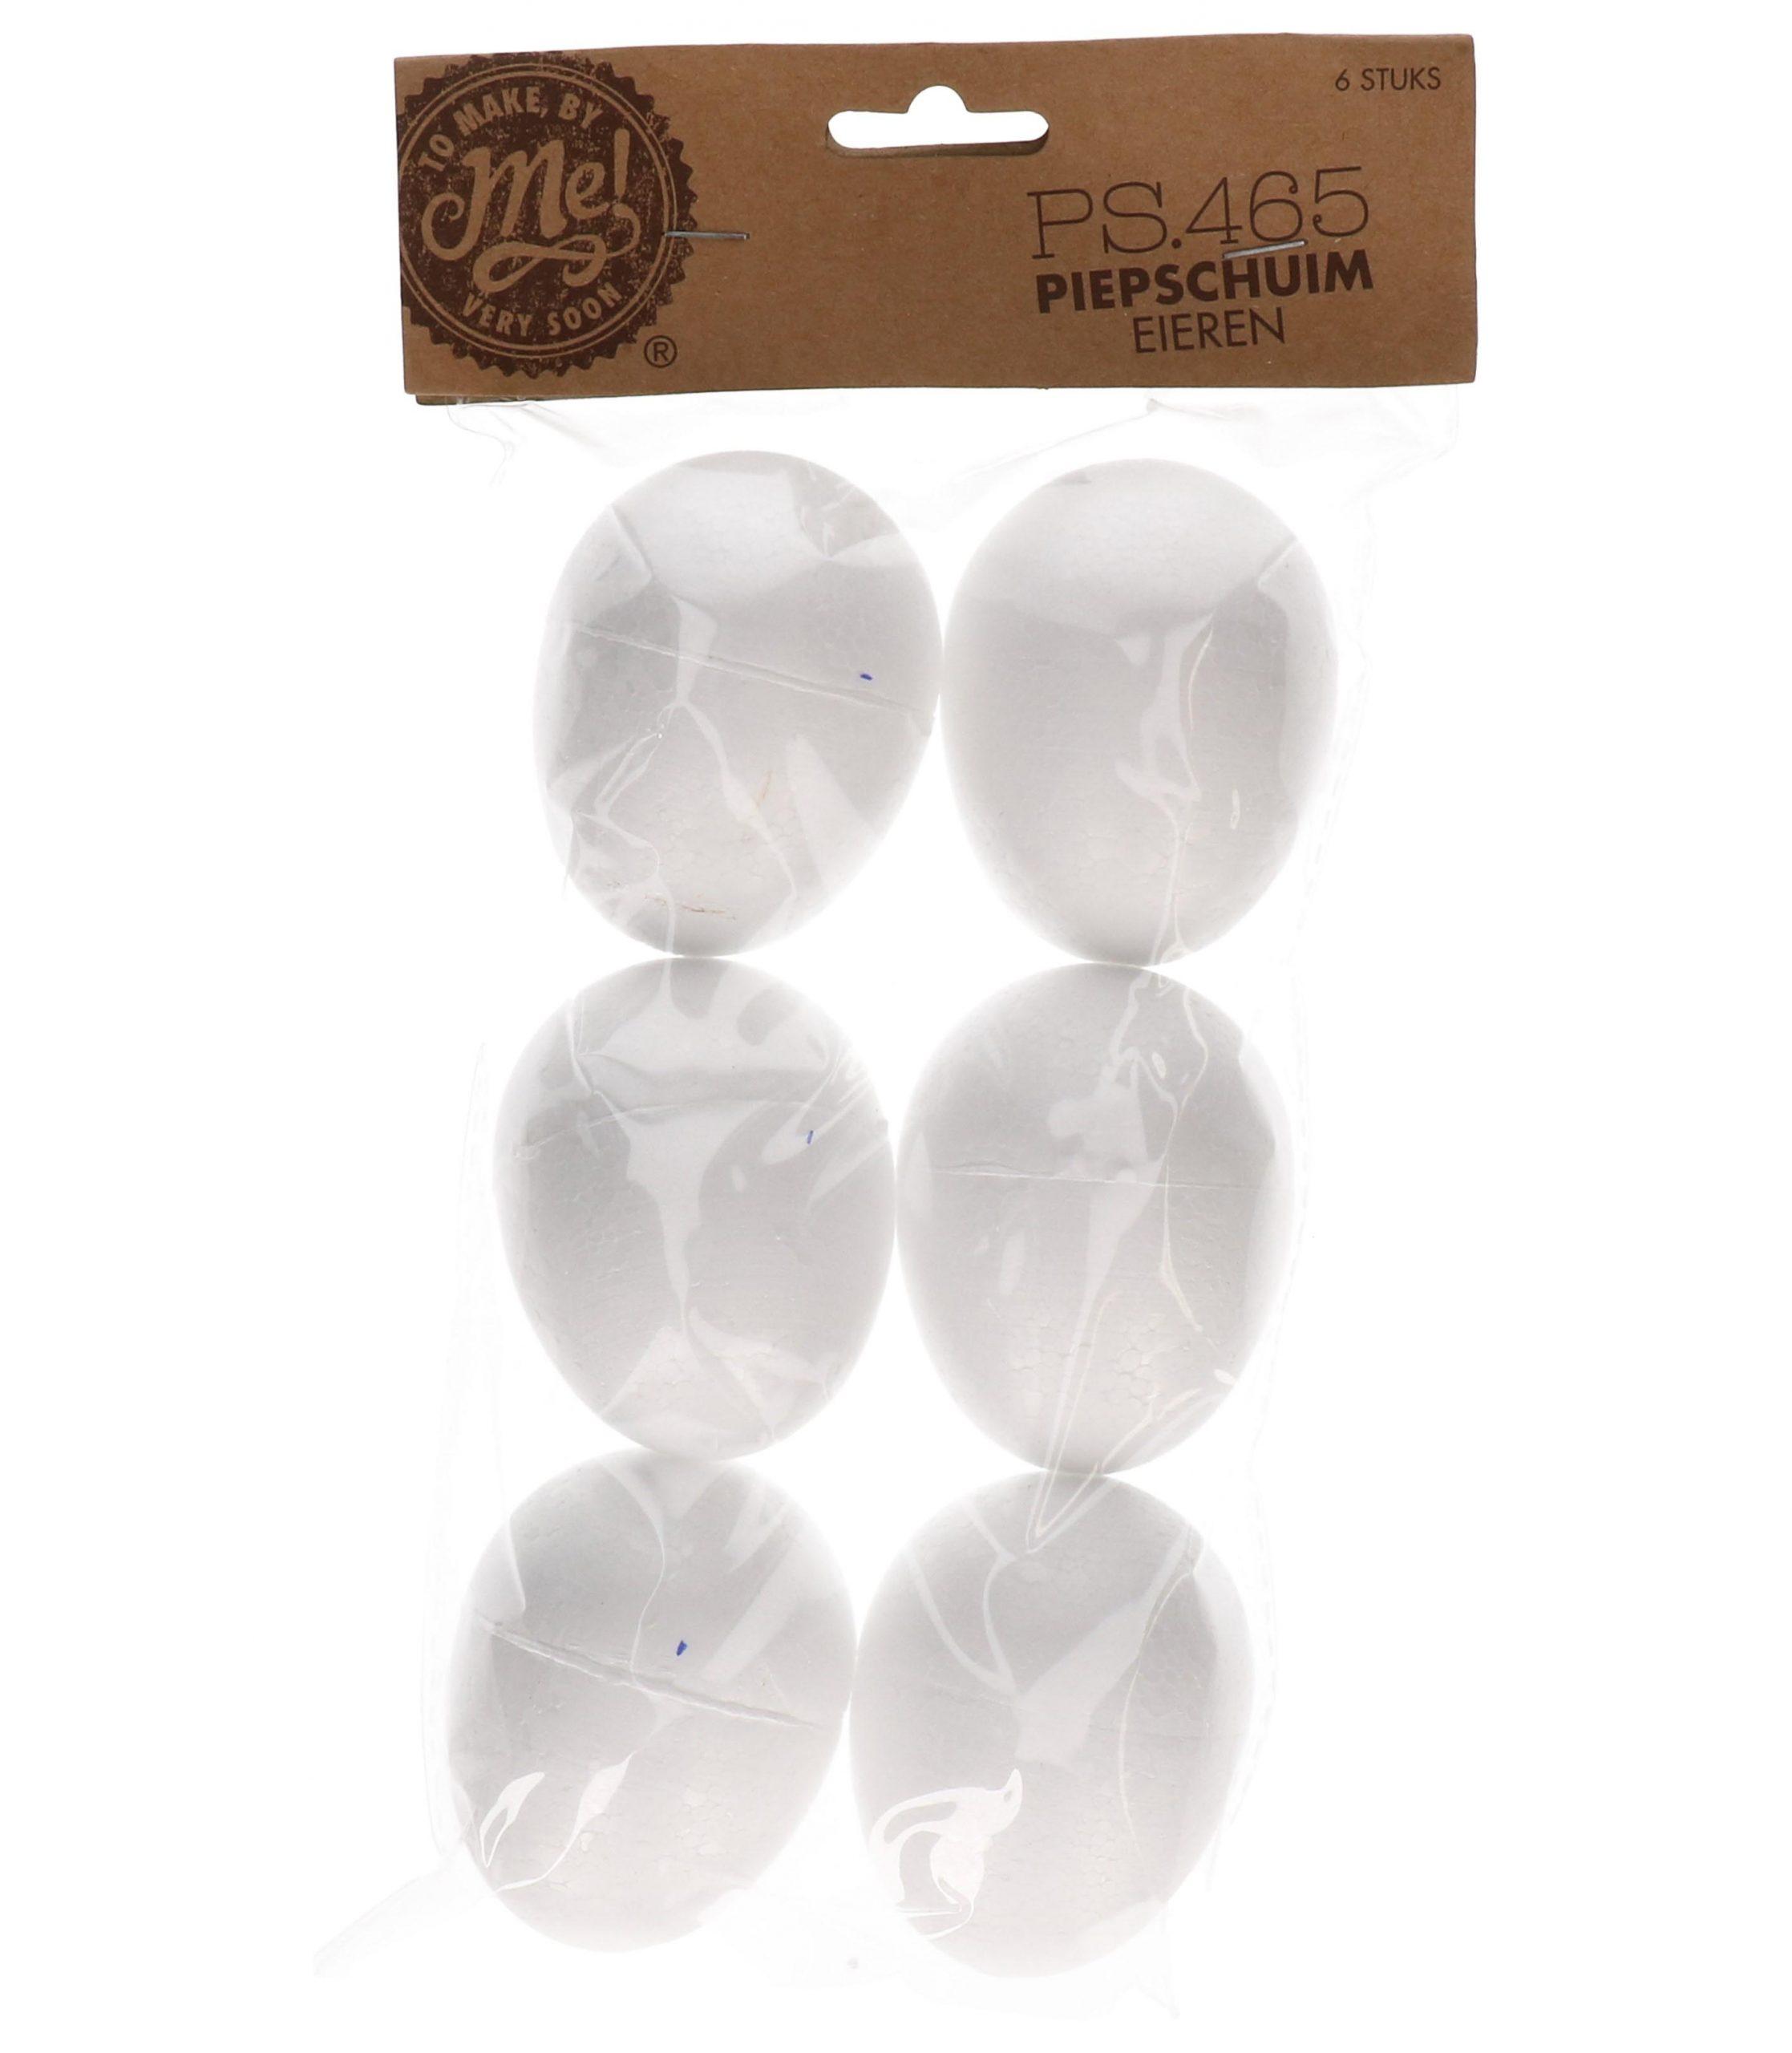 Piepschuim eieren (PS.465)